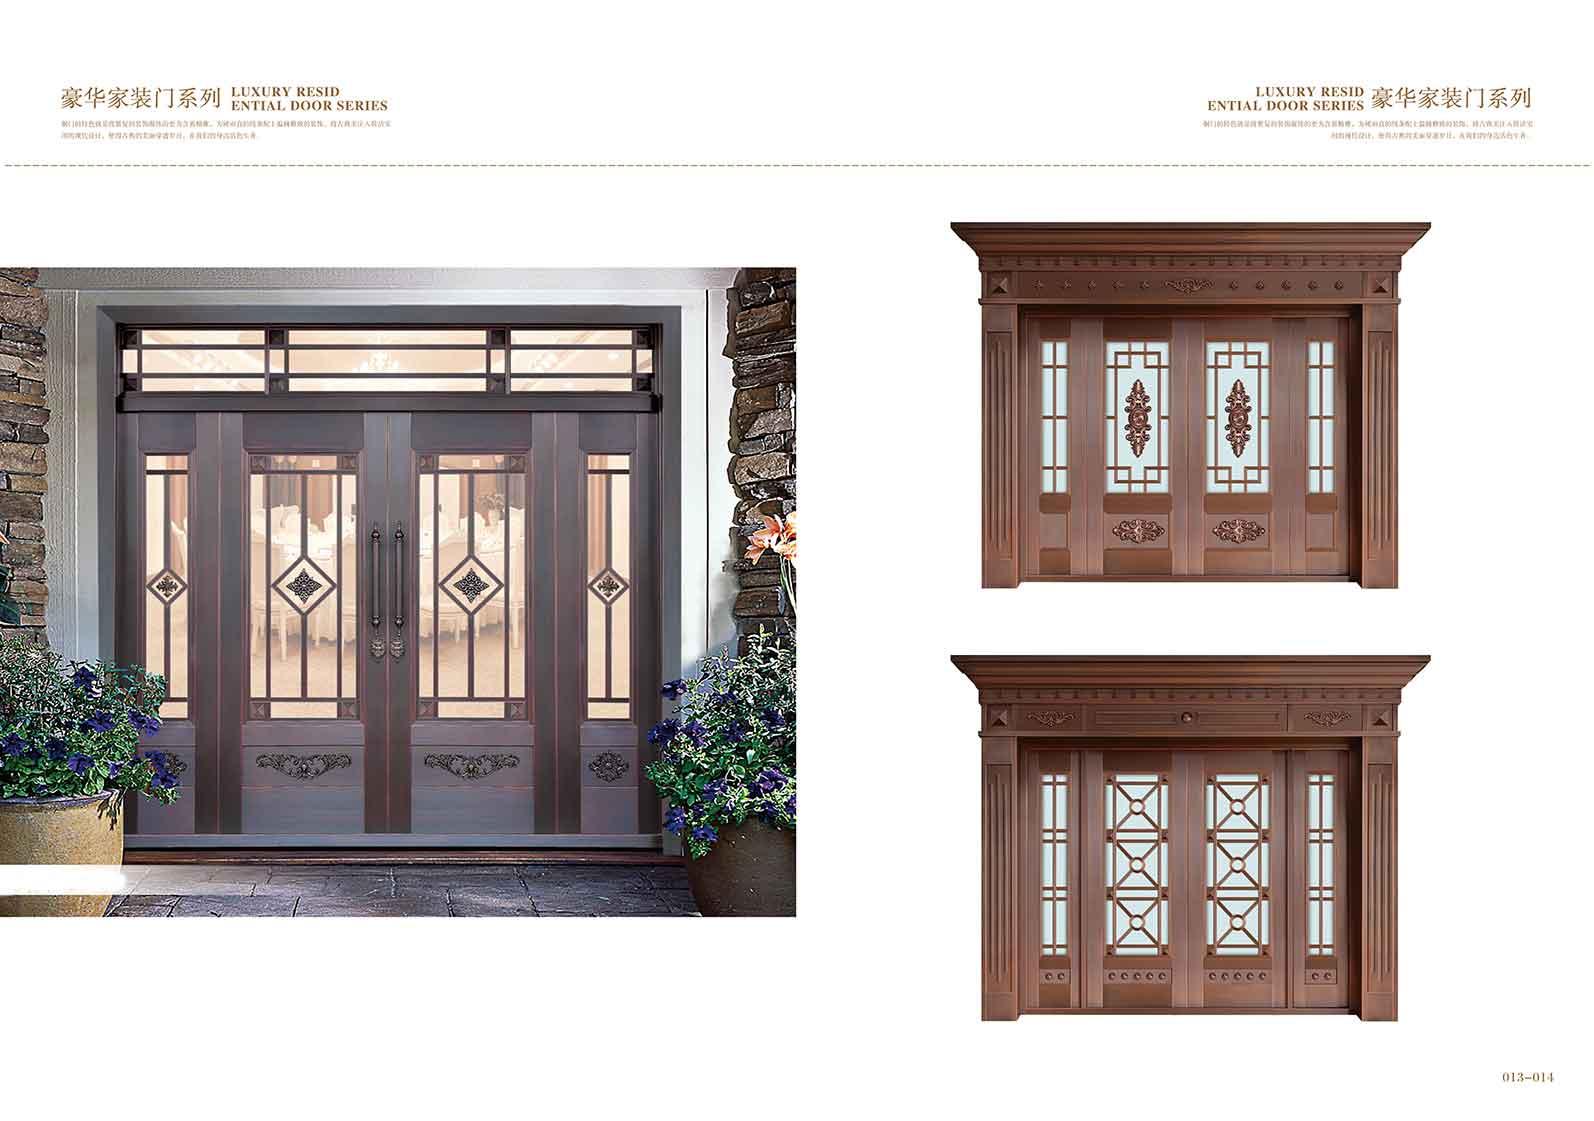 别墅铜门是一种比较高档的家装门,这种门在使用的时候是需要格外的注意的,因为如果不仔细的使用的话,那铜门是比较容易褪色的,所以在我们使用的时候一定要经常采取一些保养的方式,那下面我们就为大家简单的介绍一下关于别墅铜门在使用过程中应该注意的问题。   因为铜门比较容易发生氧化反应,所以在使用铜门的时候一定要注意不能碰到水,也就是说上手如果带有水渍的话,需要擦干净之后再开门,如果长时间的用带有水渍的手开门的话,那铜门就非常有可能发生变色。   第二、在使用铜门的过程中,不能用力过蒙,因为如果用力比较大的话,那会